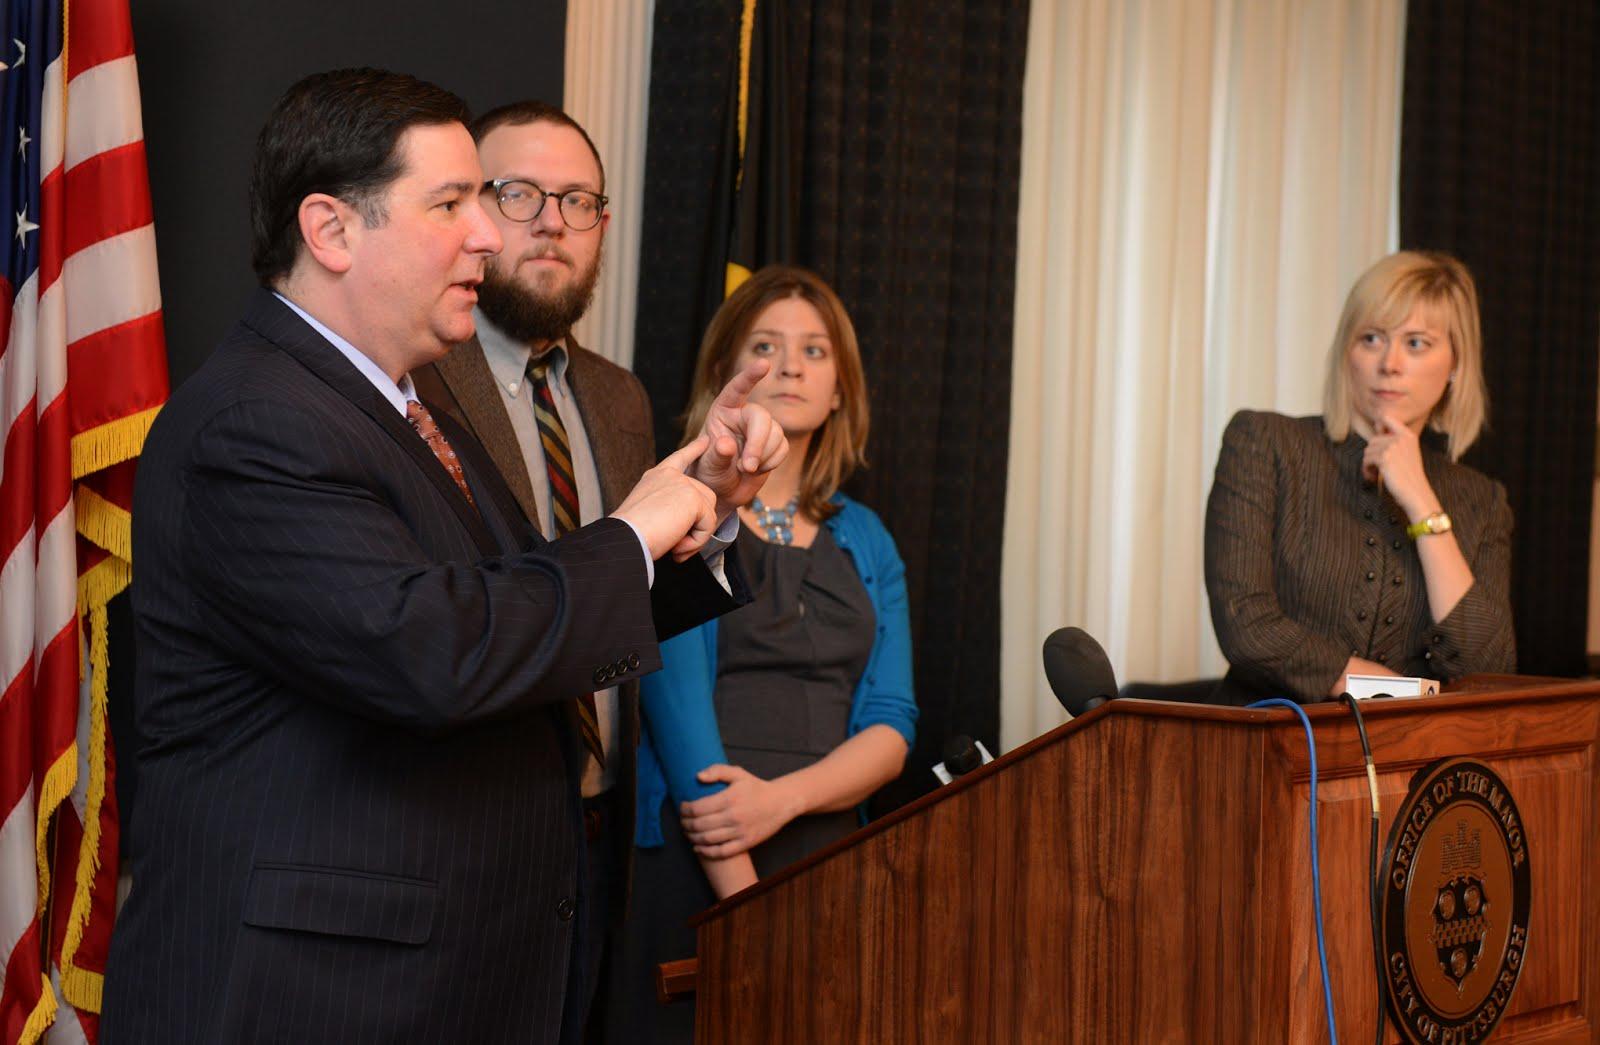 Mayor Peduto, Pittsburg open data